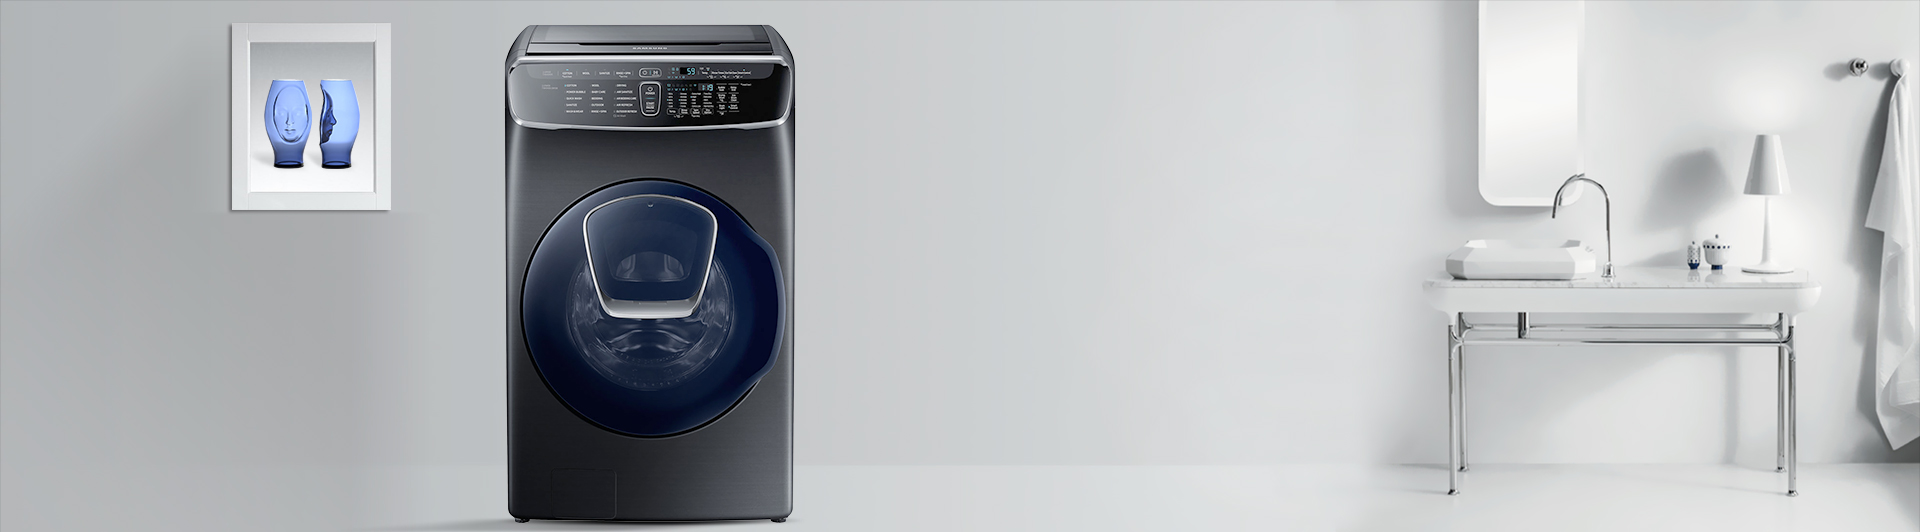 Máy giặt Samsung 21KG WR24M9960KV/SV giá hấp dẫn tại Nguyễn Kim